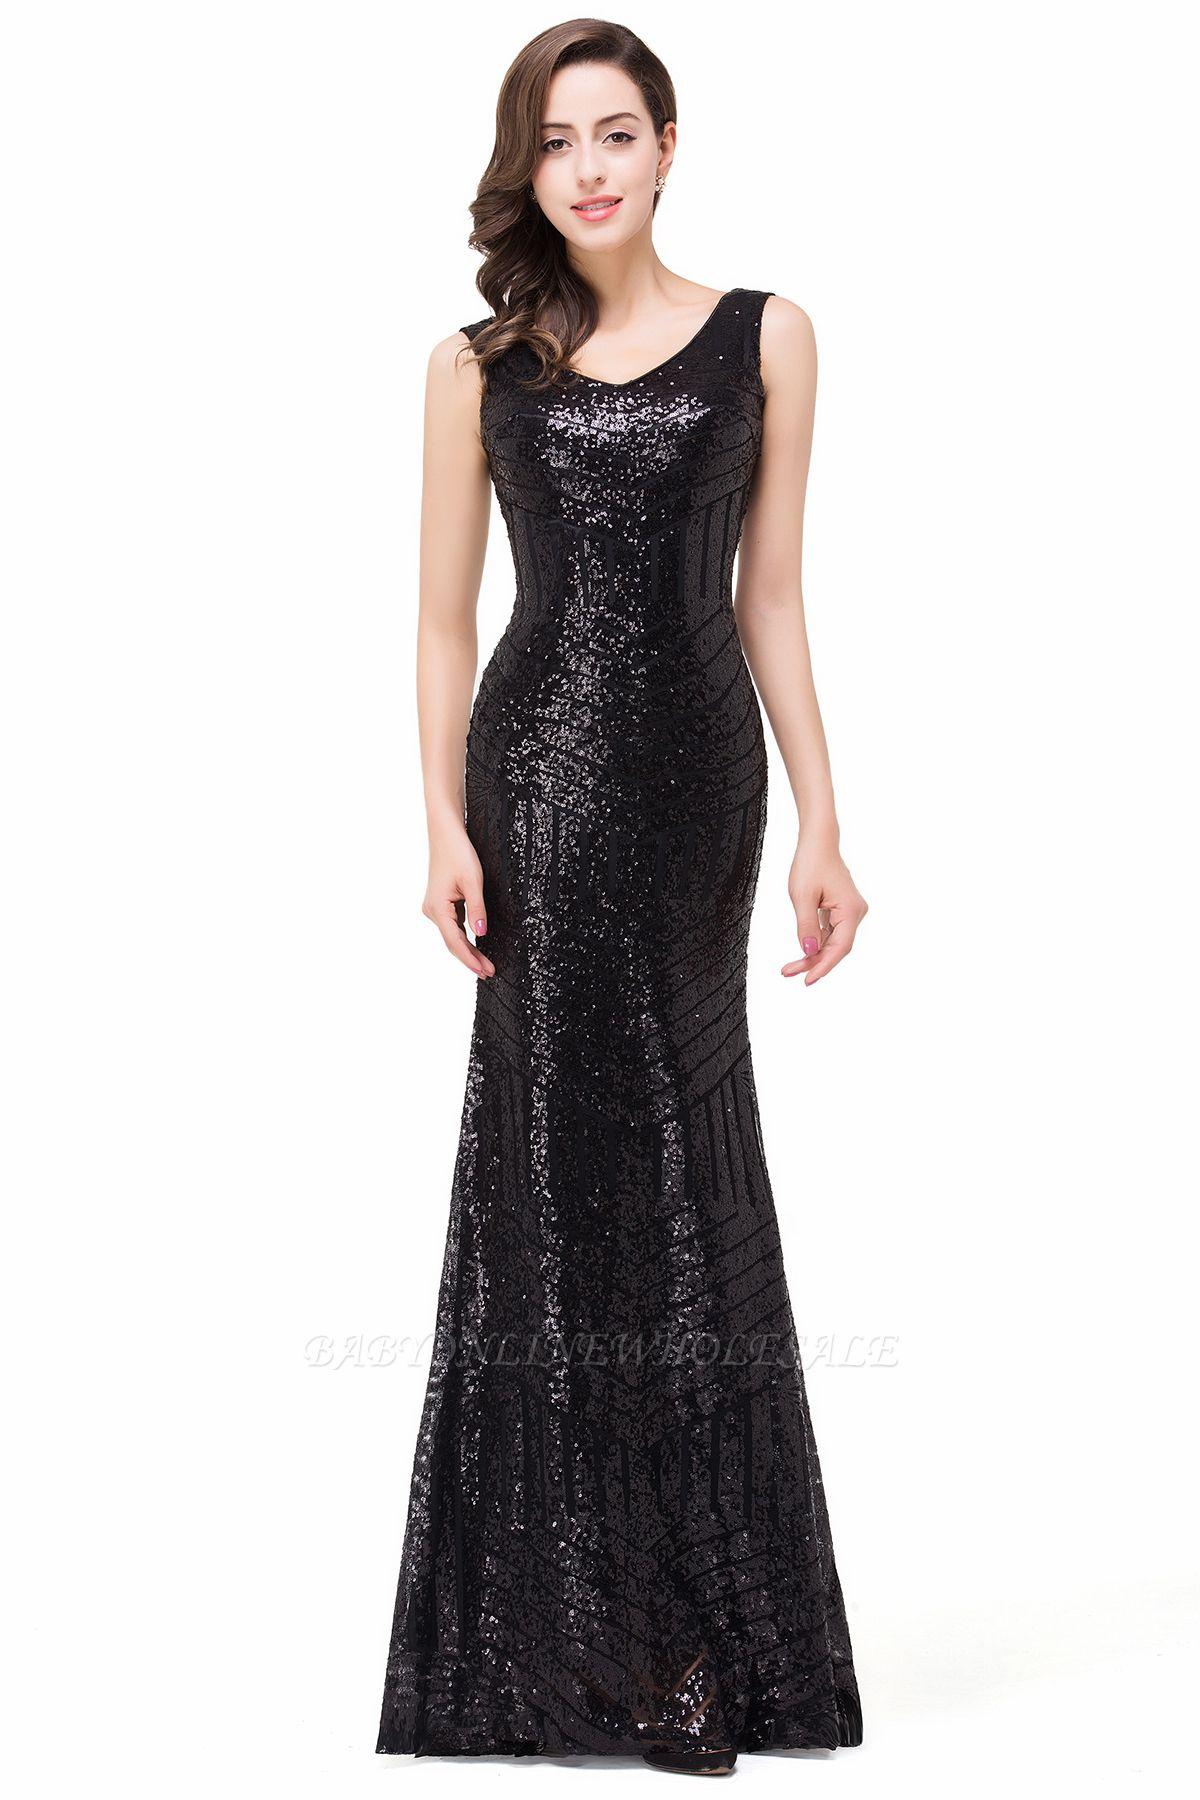 EVERLEIGH | Mermaid V-neck Sleeveless Floor-Length Sequins Prom Dresses